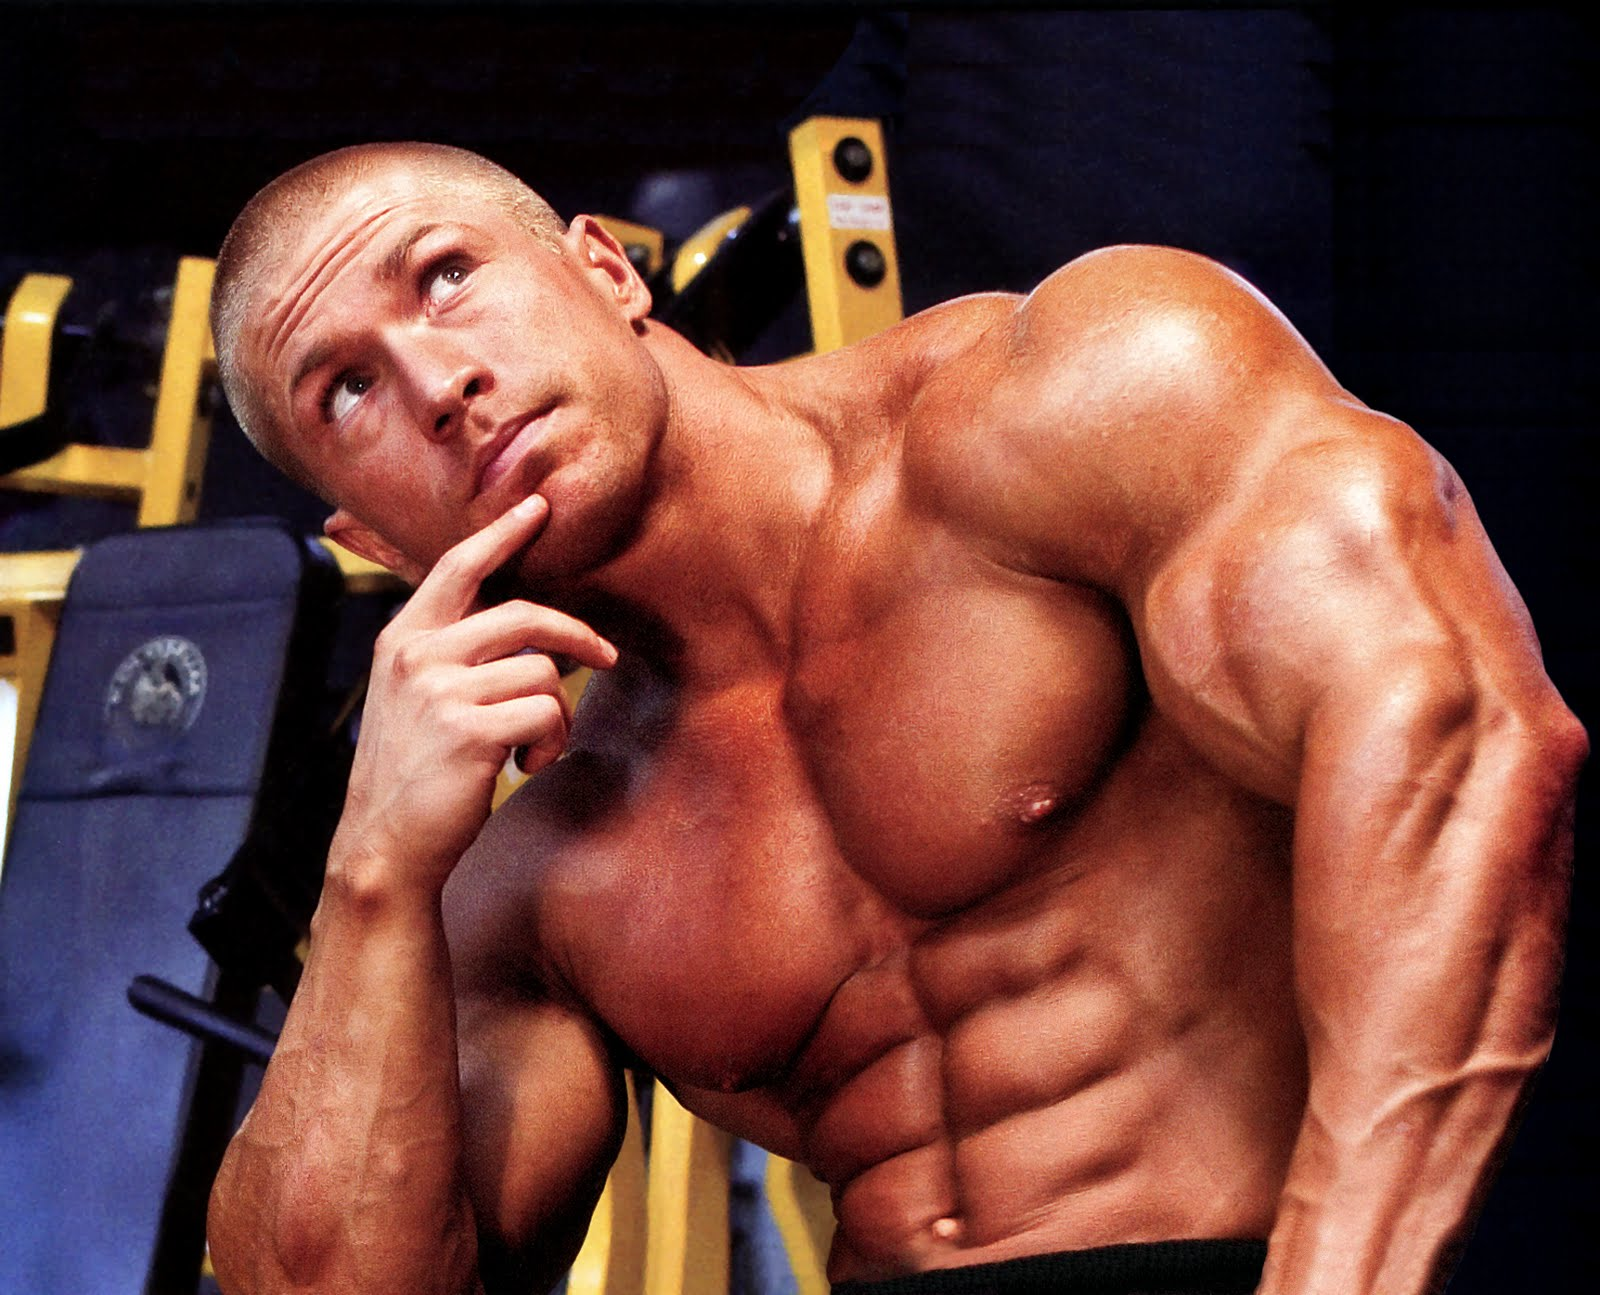 Bodybuilding Photo